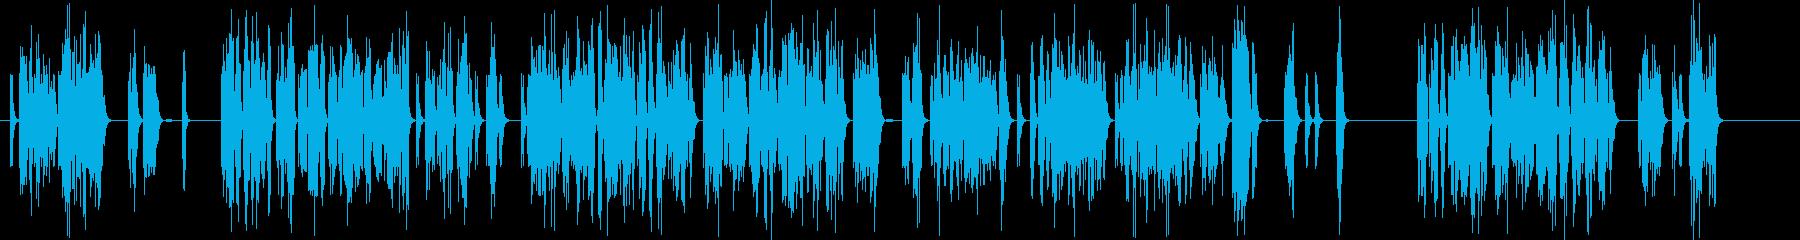 電子機器の故障音の再生済みの波形